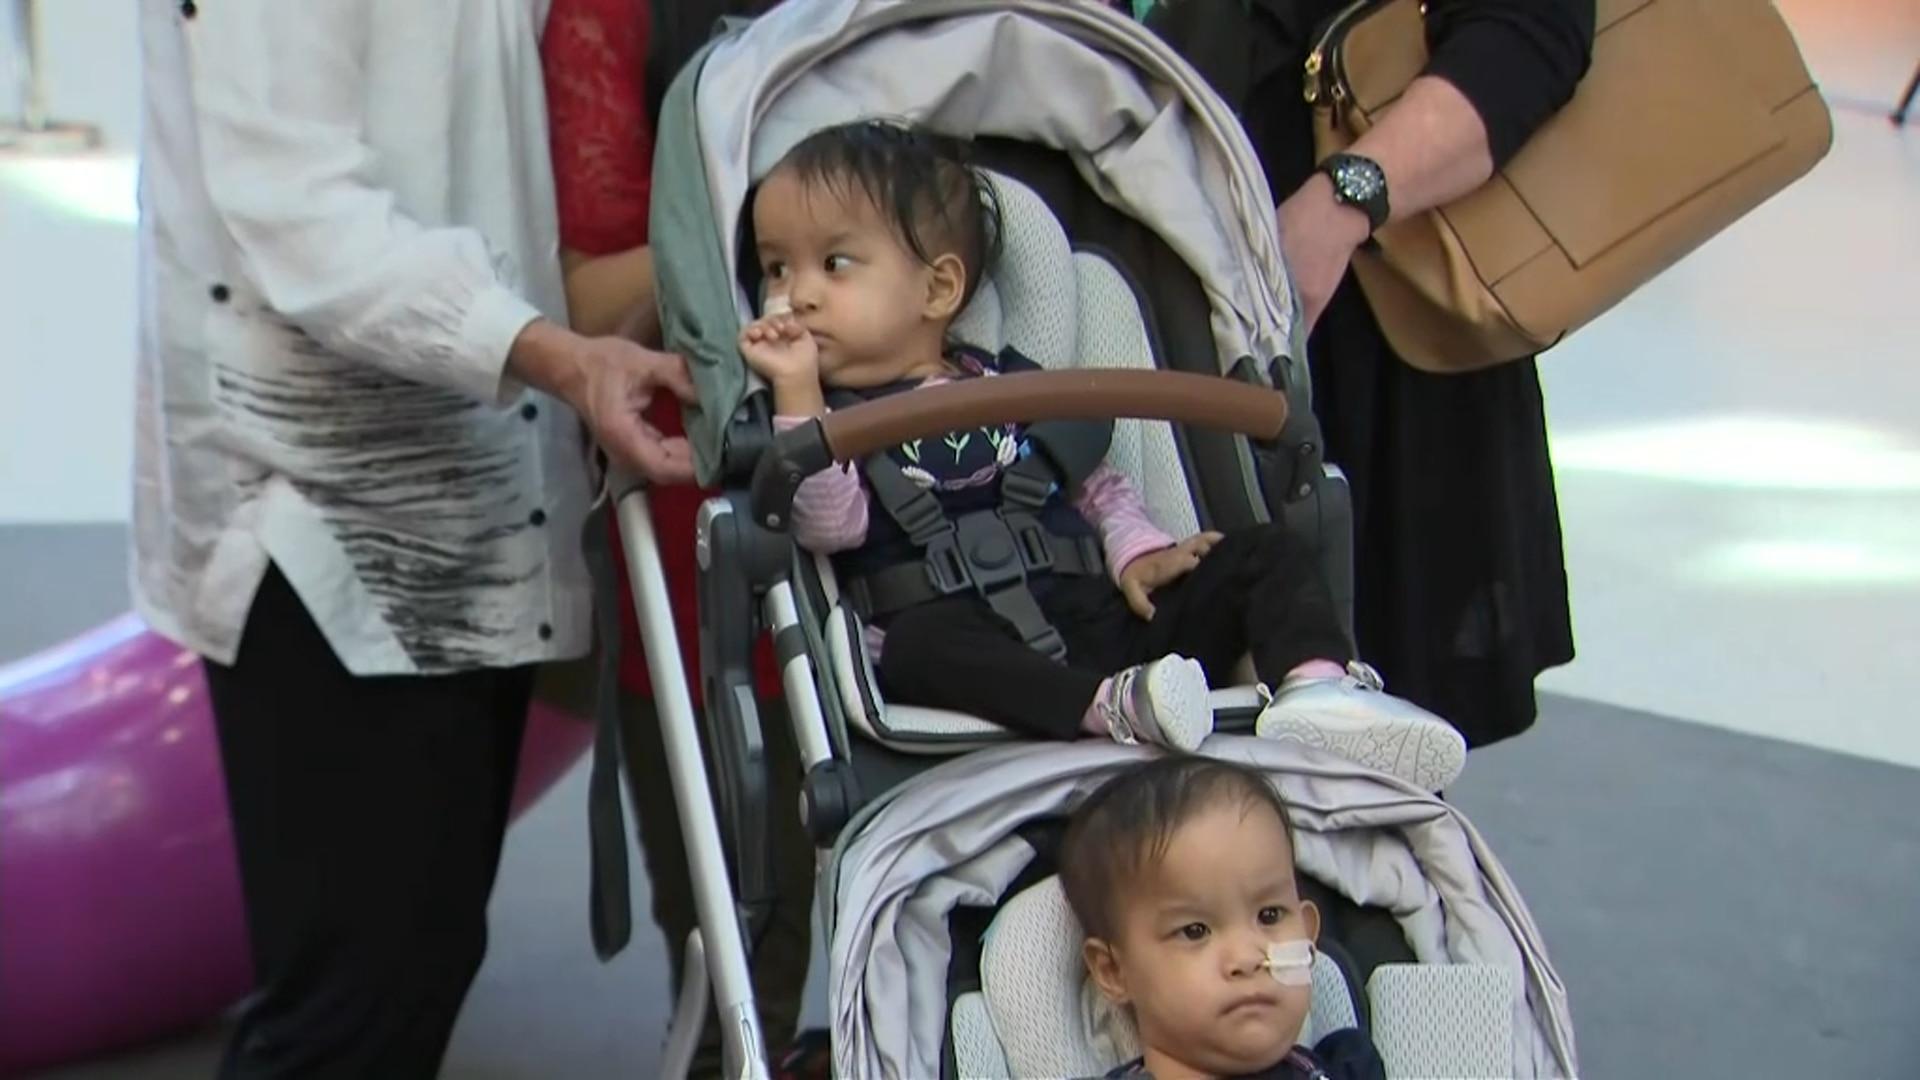 Bhutanese twins Nima and Dawa are wheeled out of hospital.